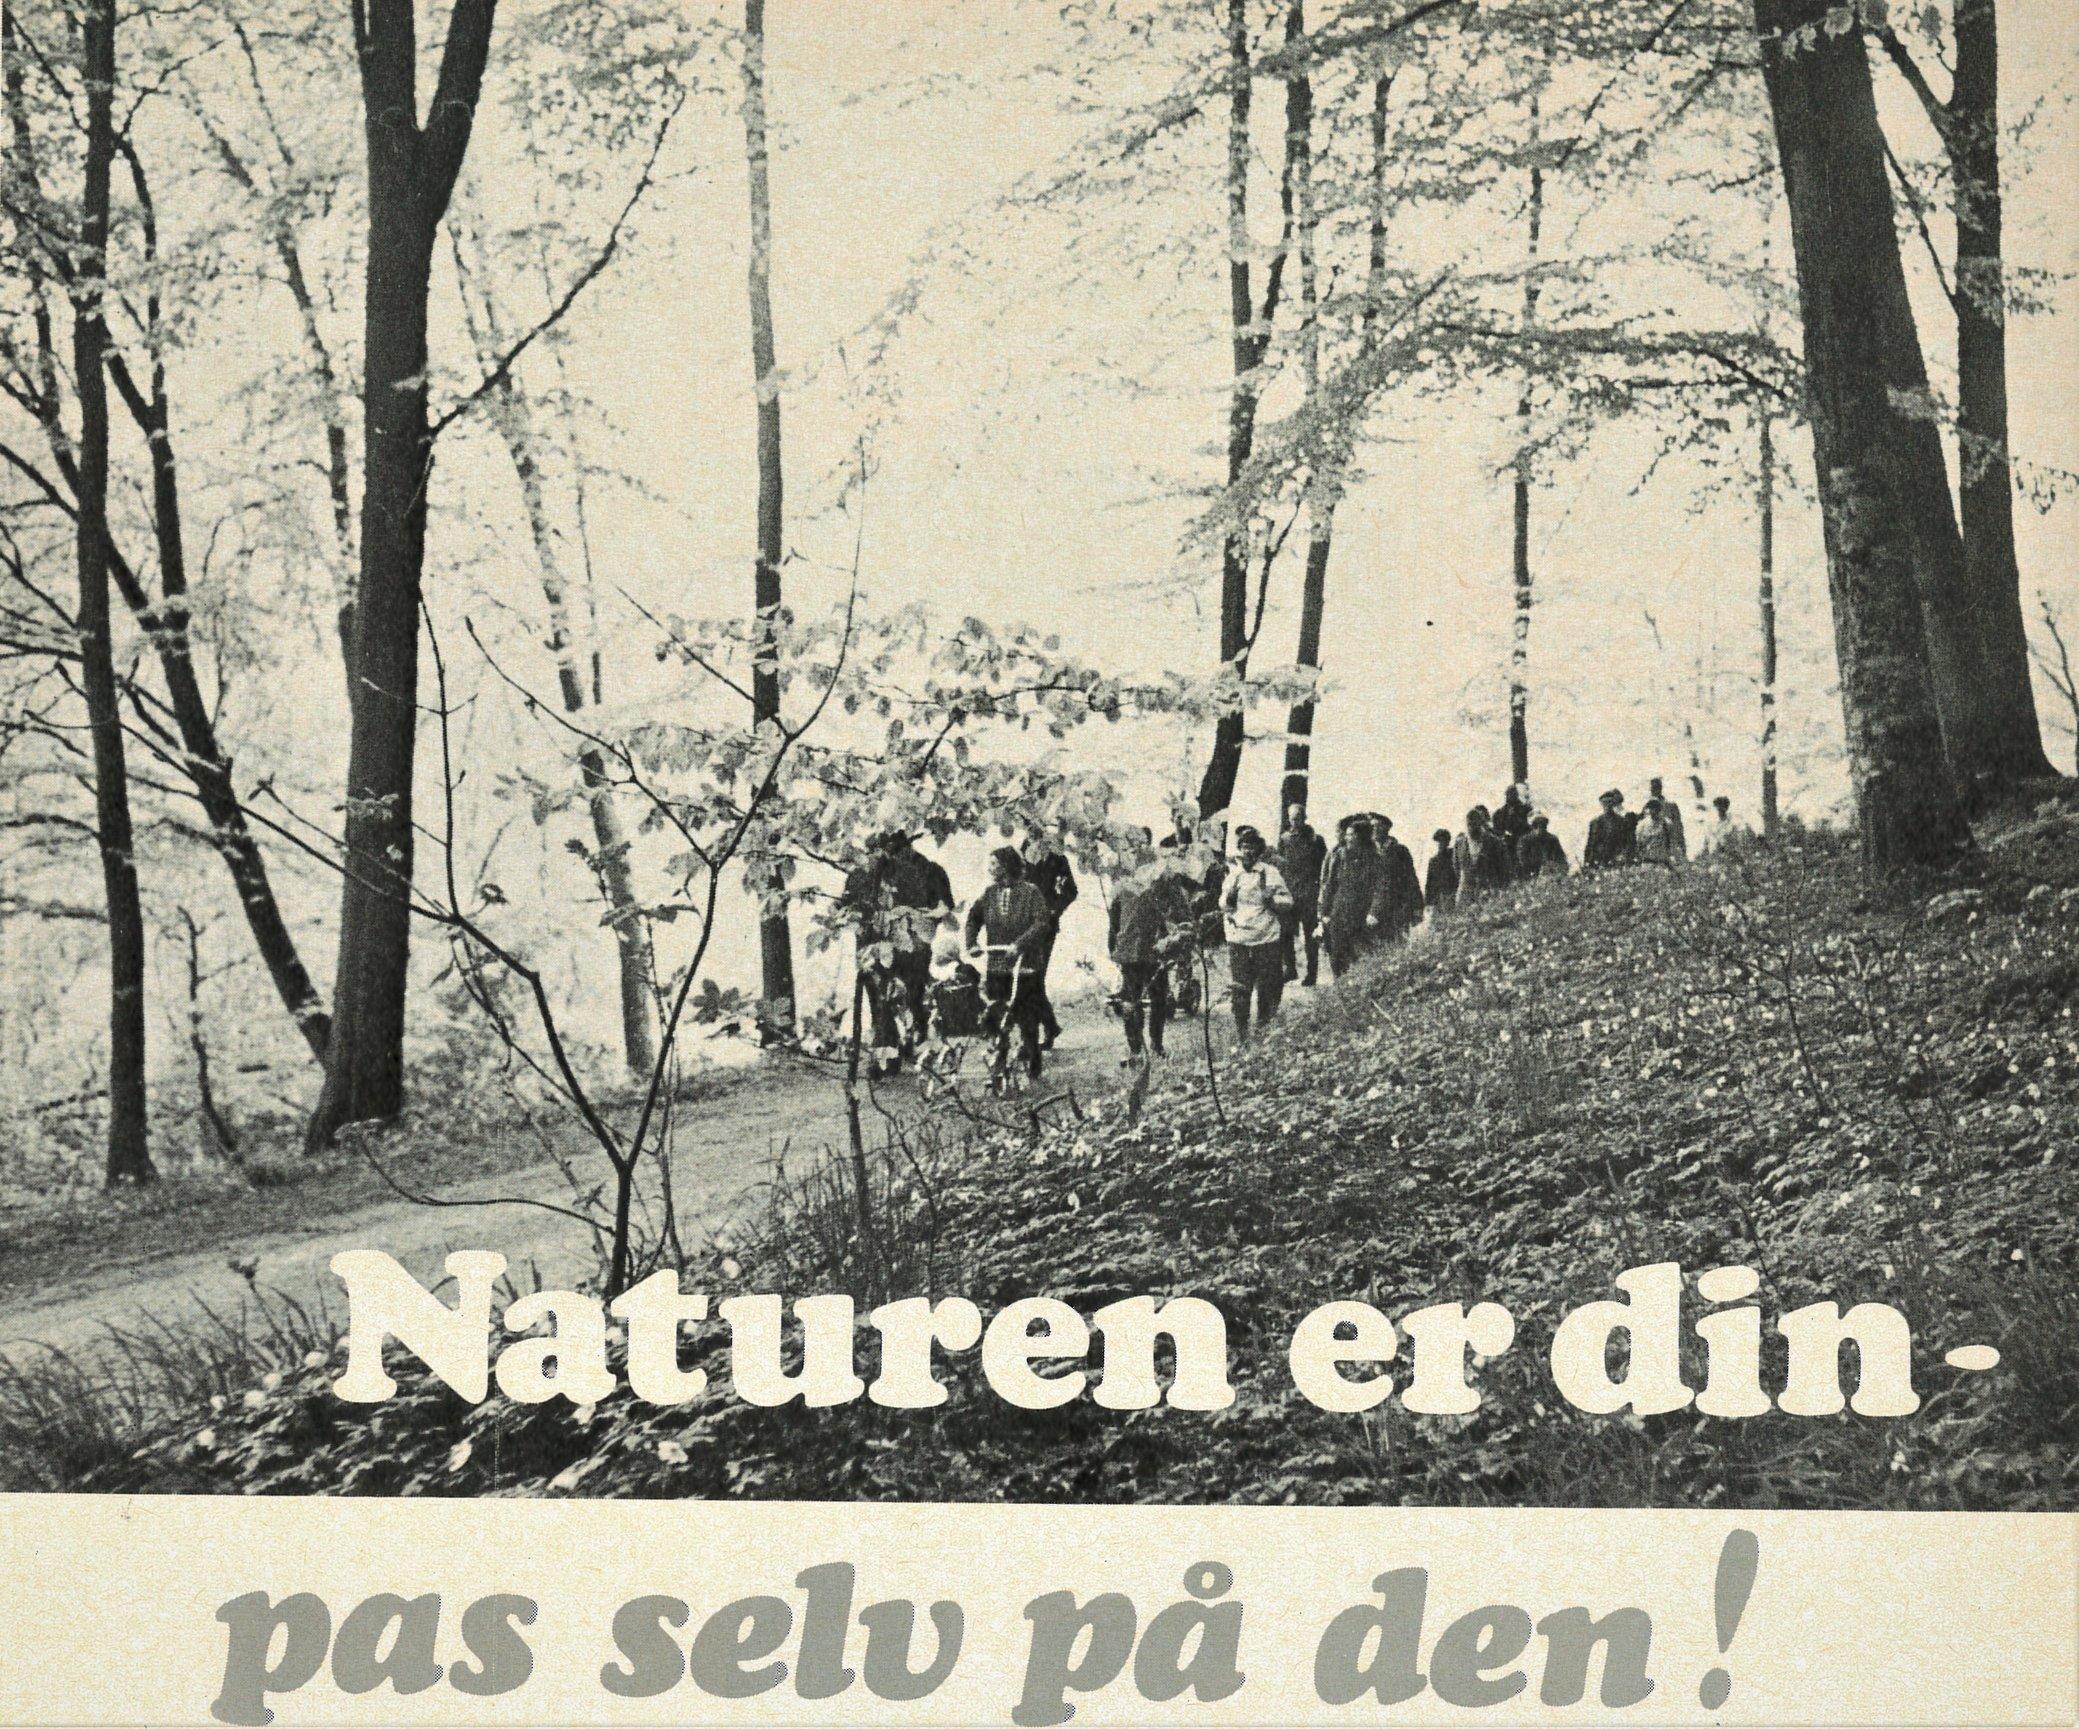 Foto fra vores medlemsblad Fritidsliv 1970